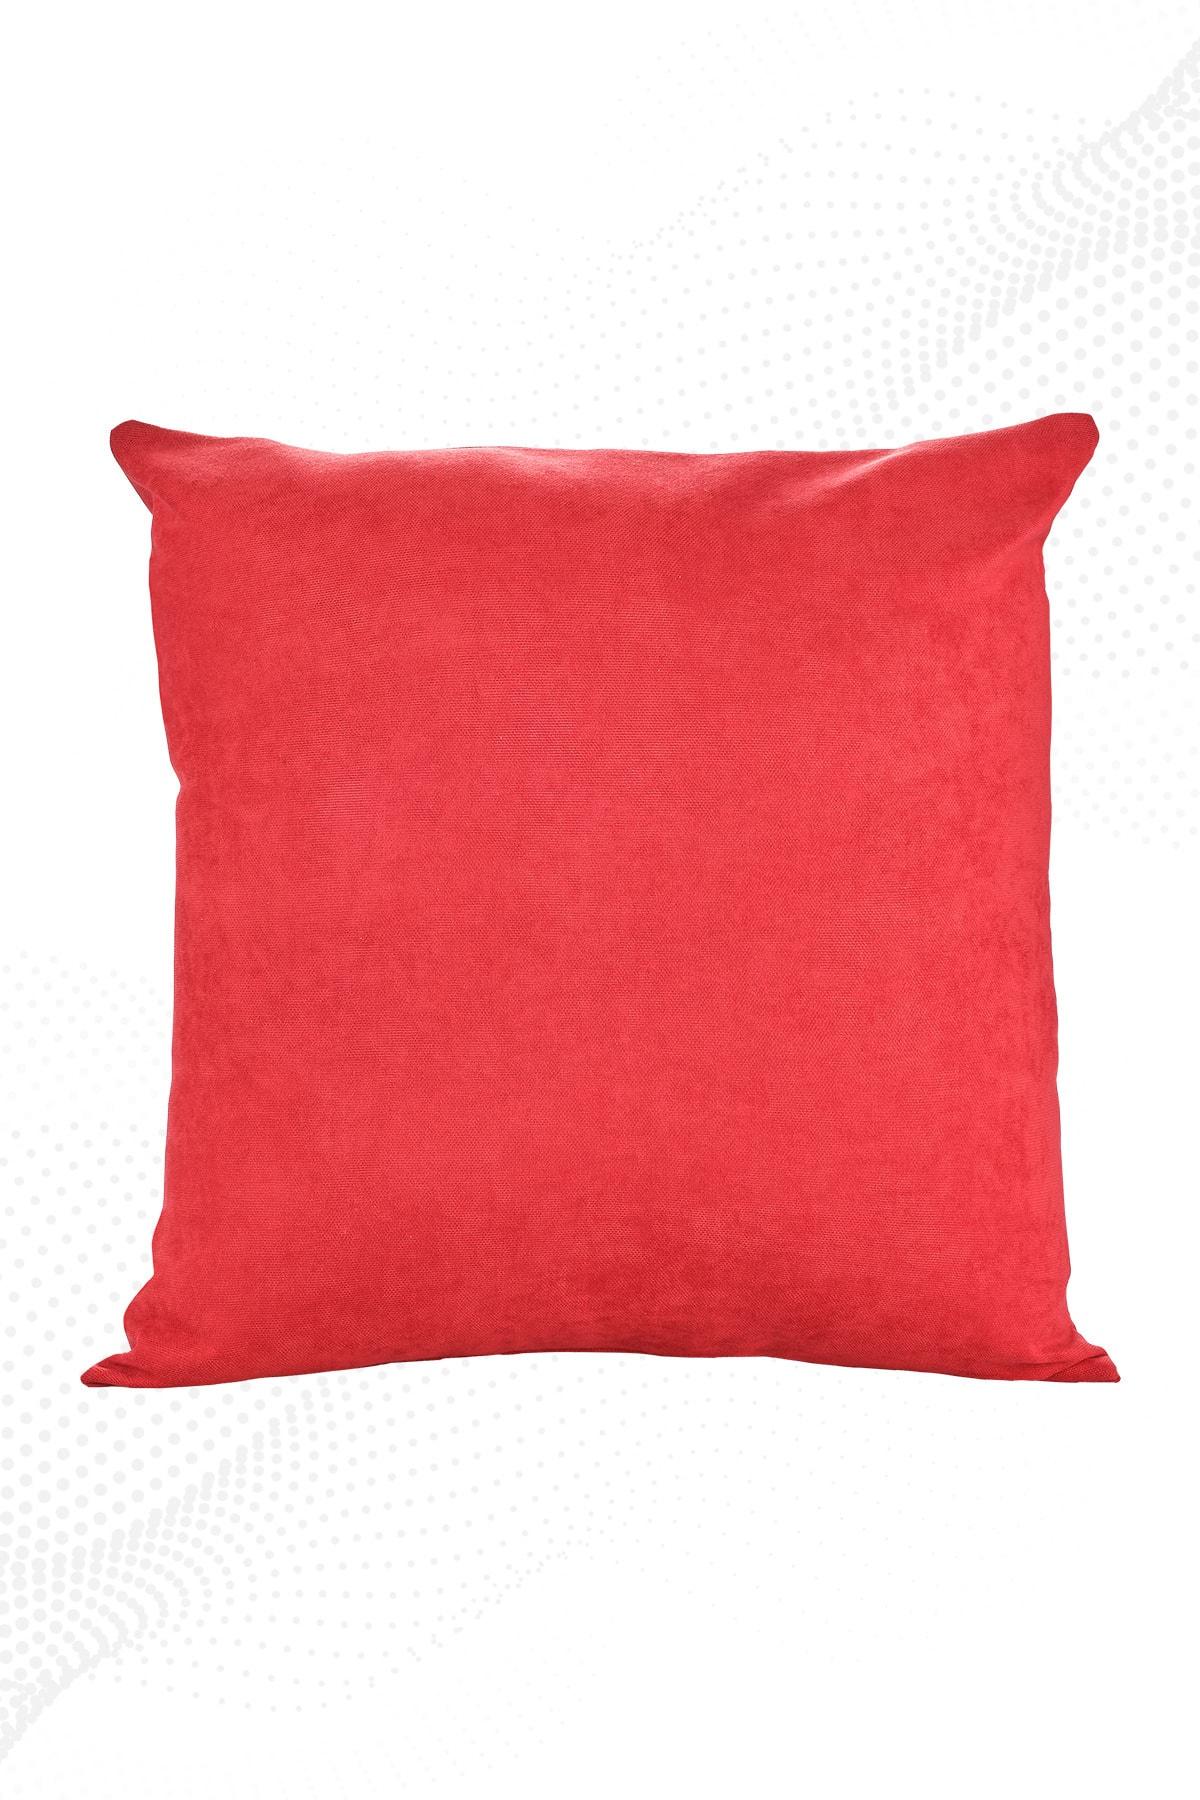 Kırmızı Kırlent Kılıfı Dekoratif Düz Sade Panoroma-113